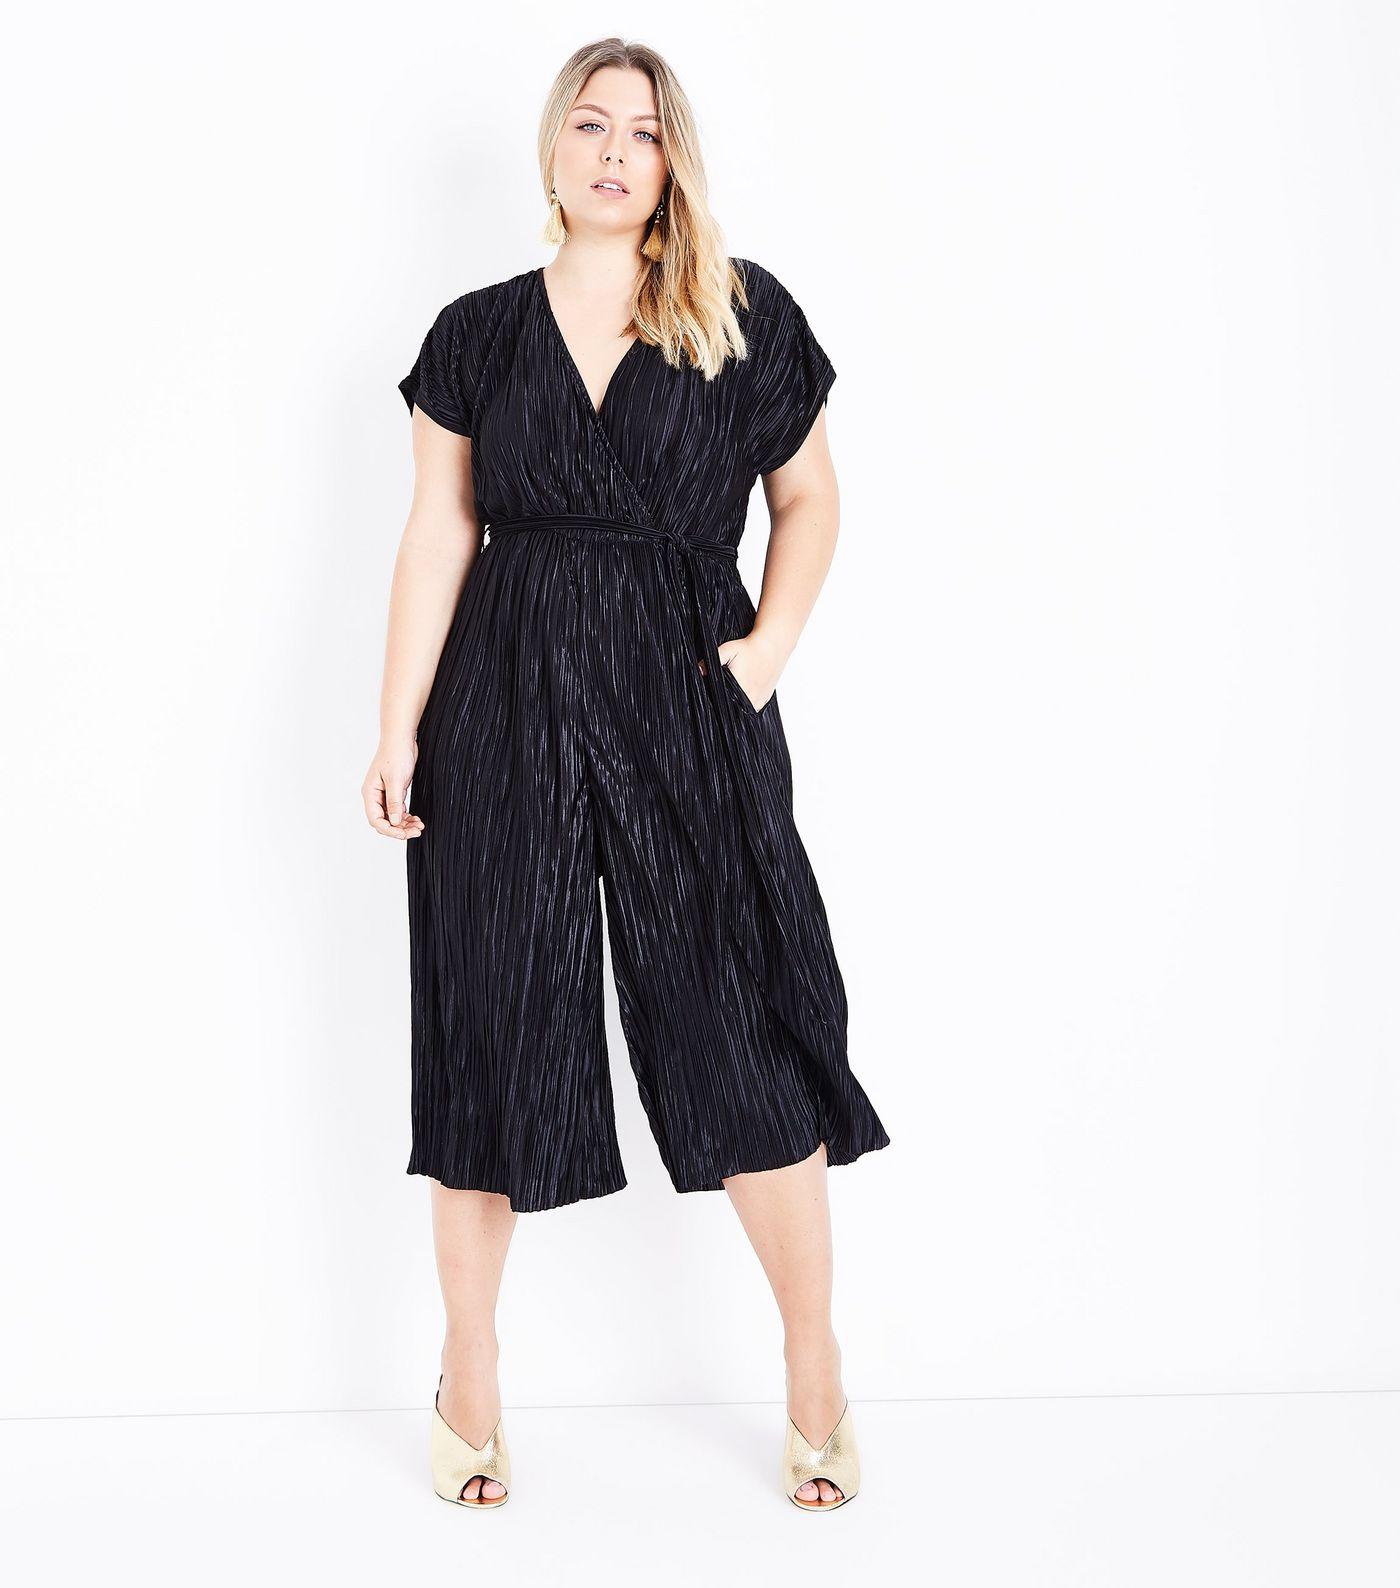 Black Plisse Wrap Front Jumpsuit - $31.02